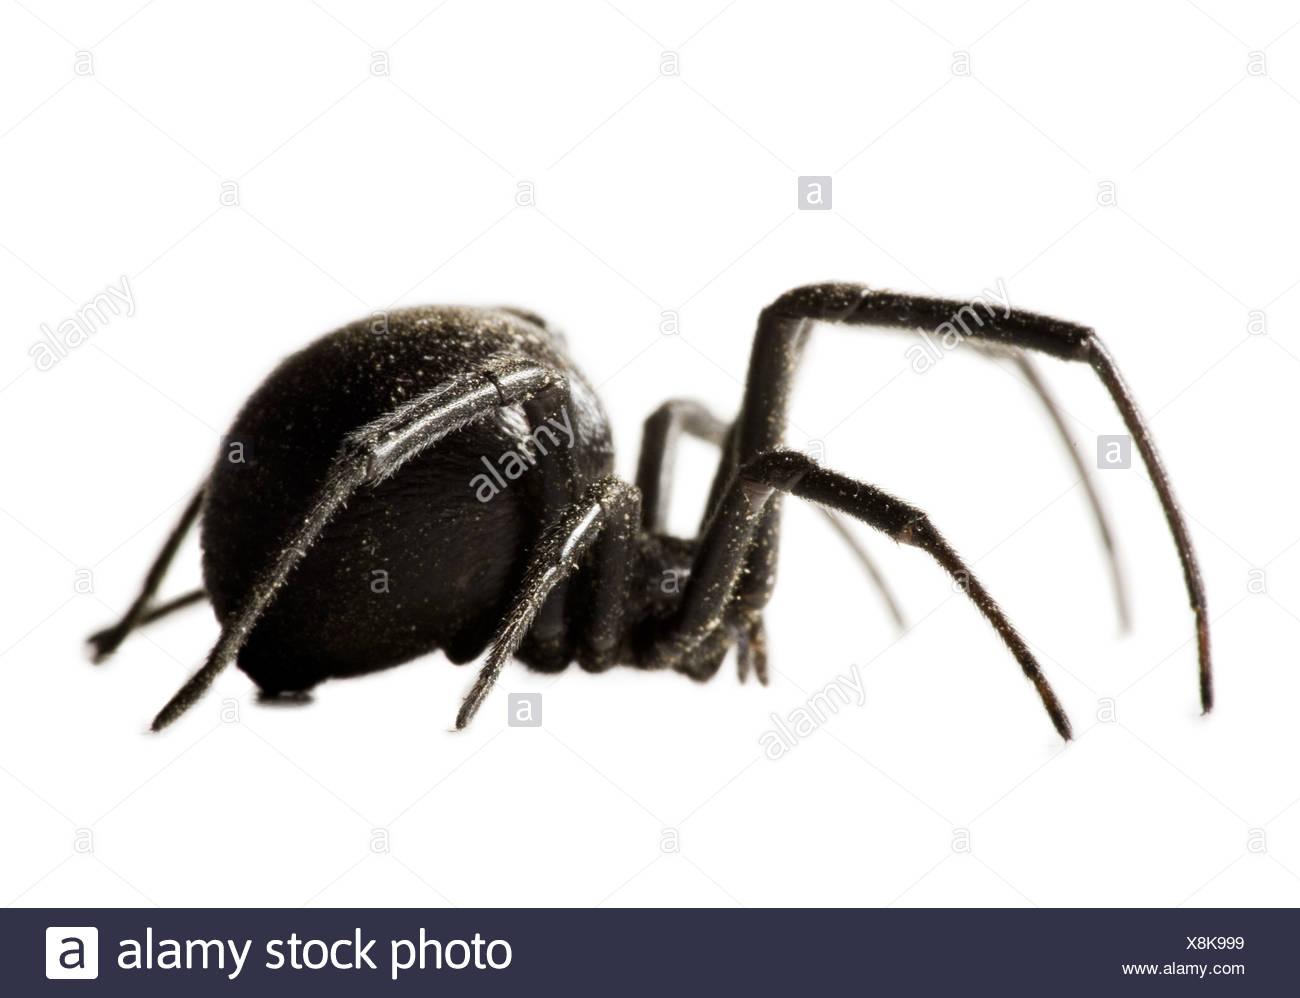 Erfreut Anatomie Einer Spinne Der Schwarzen Witwe Galerie - Anatomie ...